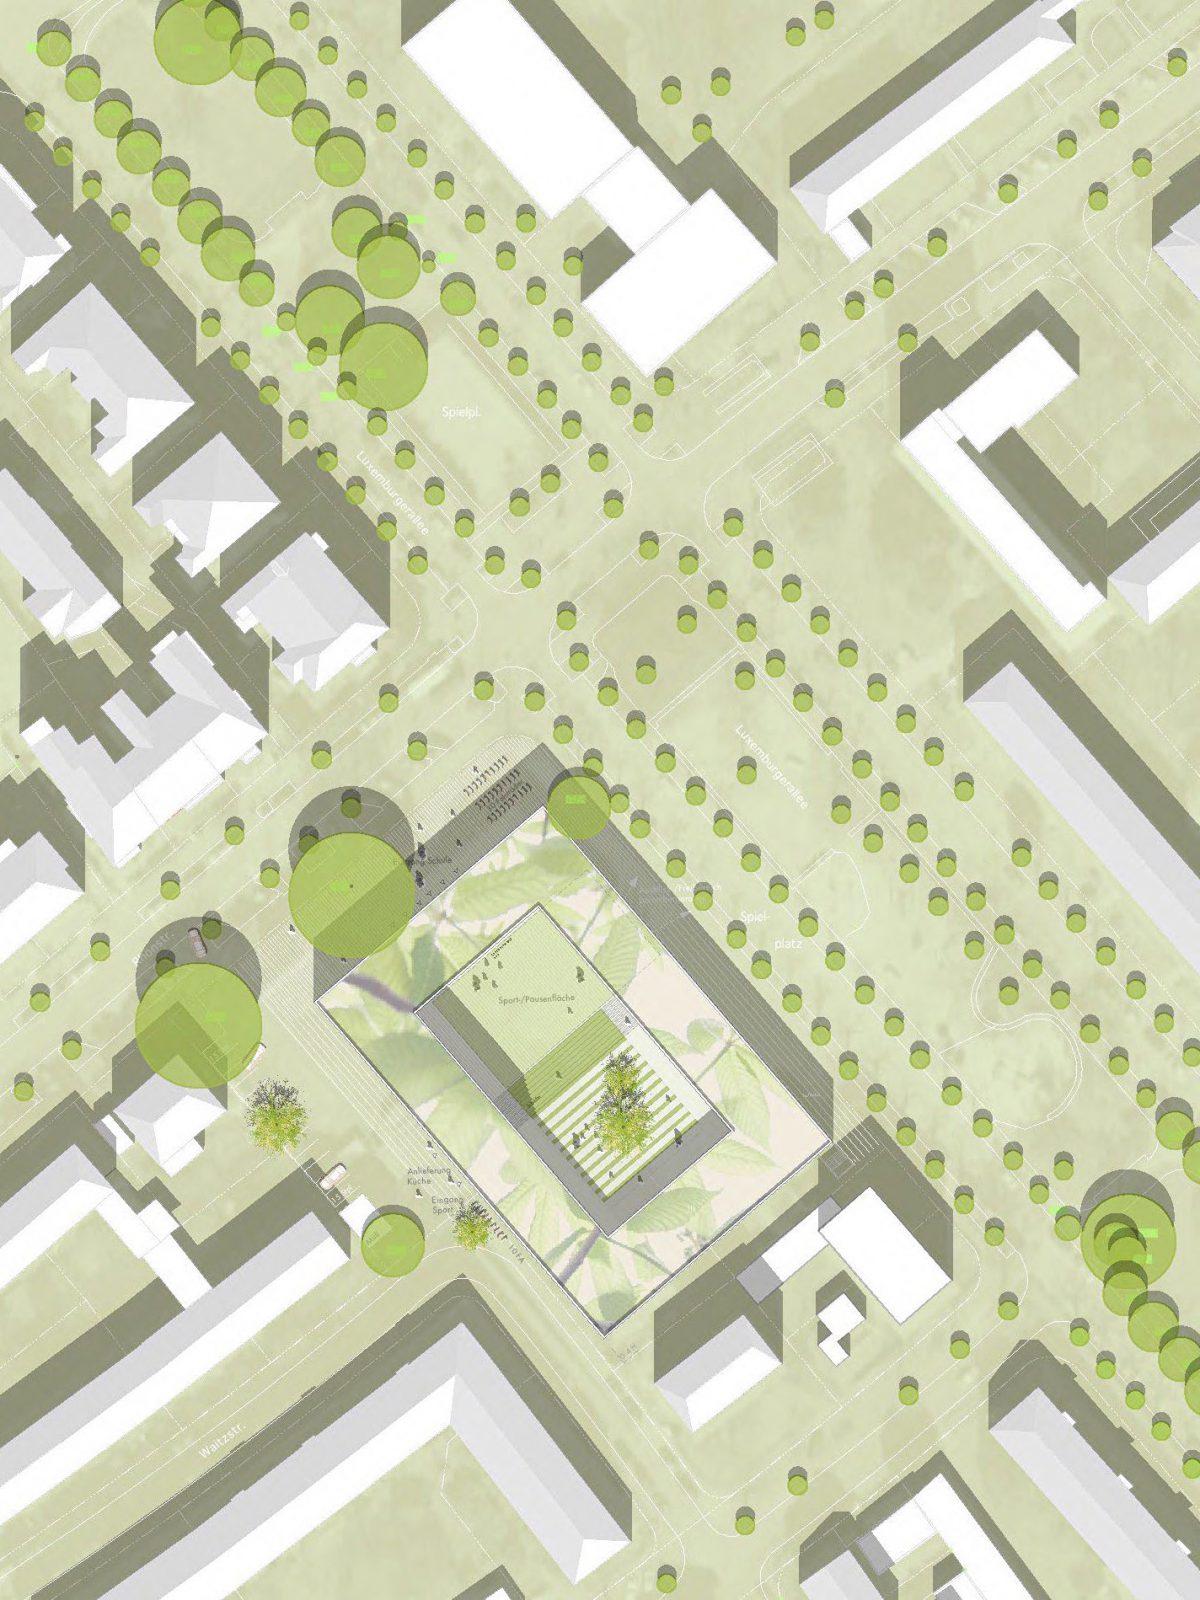 Lageplan-Wettbewerb-Dahlmannschule-Frankfurt-am-Main-4.Preis-2011-© Friedrich-Poerschke-Zwink-Architekten